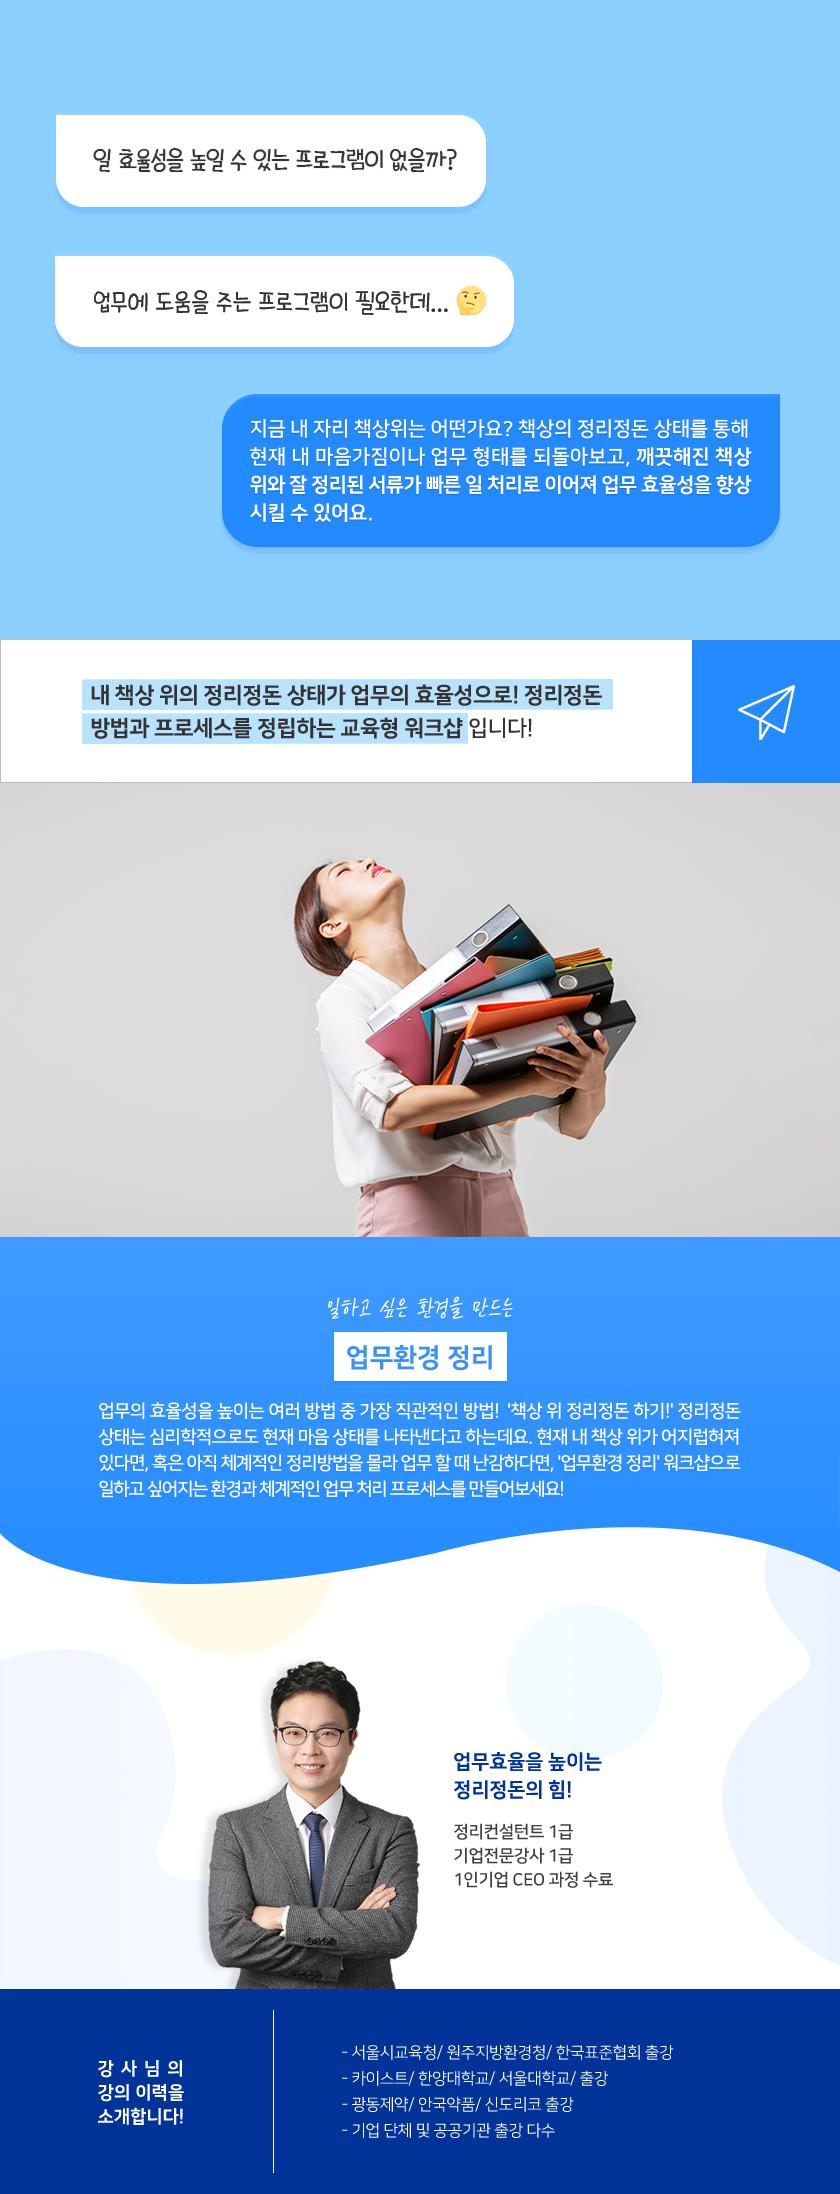 정리 상세소개 1 | 이너트립